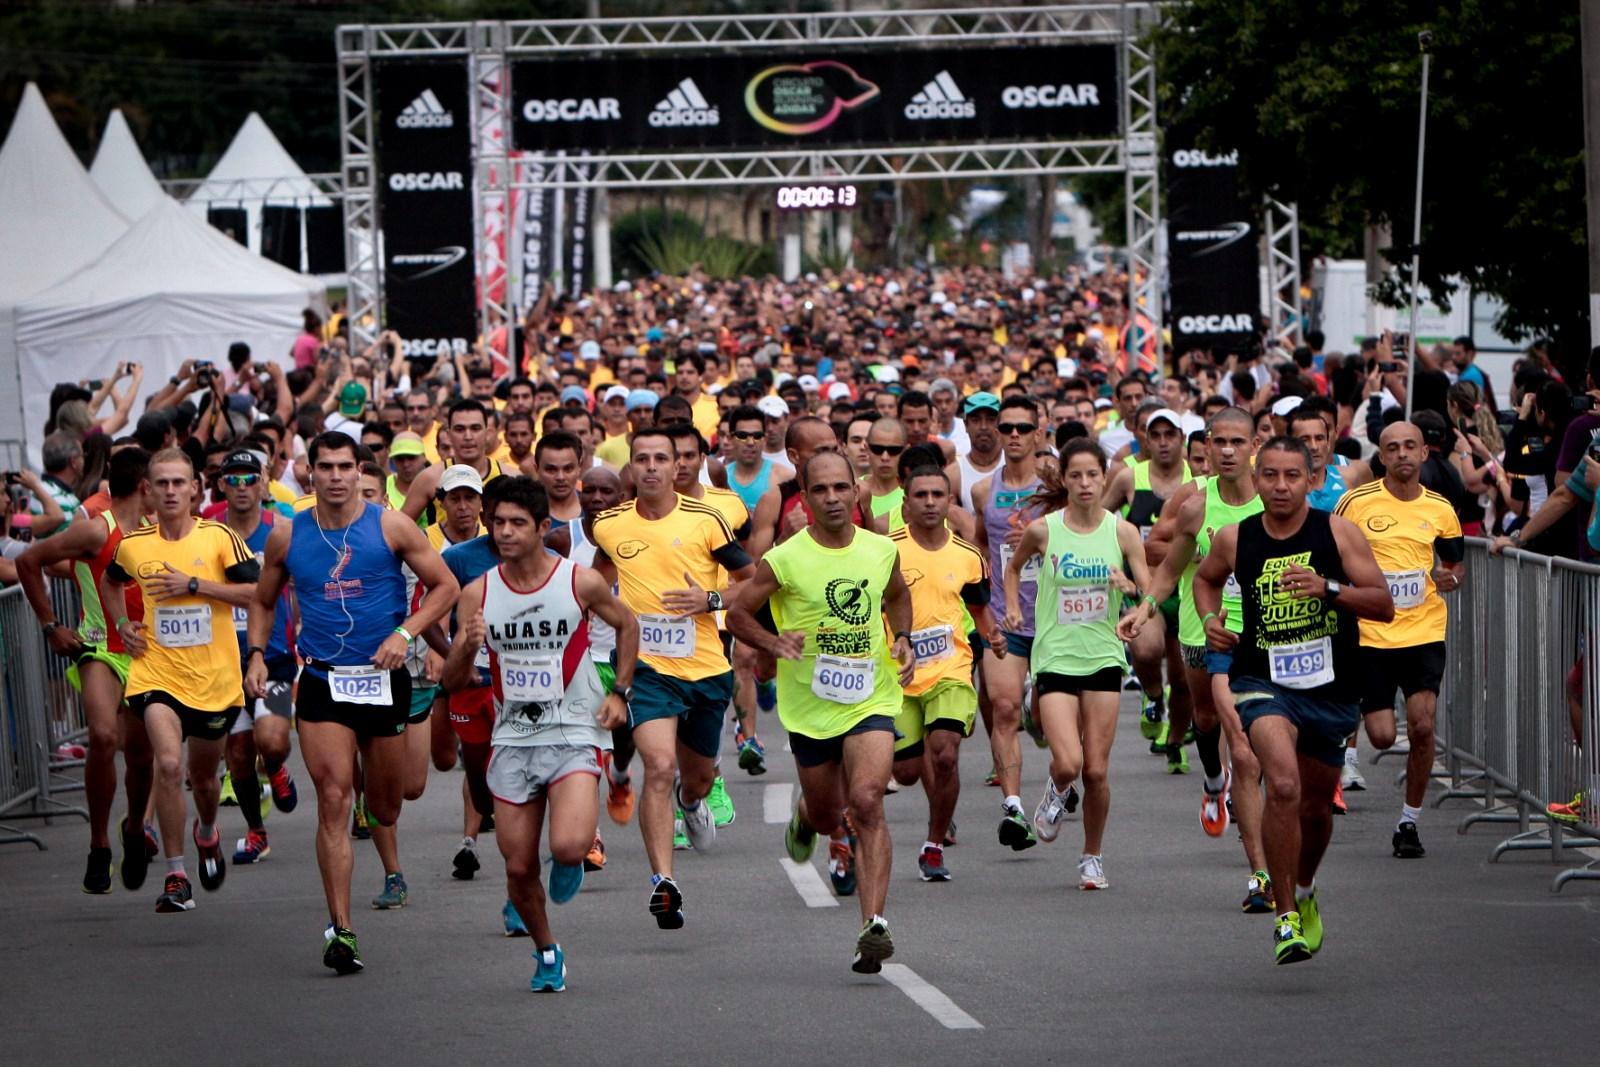 Circuito Oscar : Taubaté abre circuito de corrida de rua em julho inscrições estão